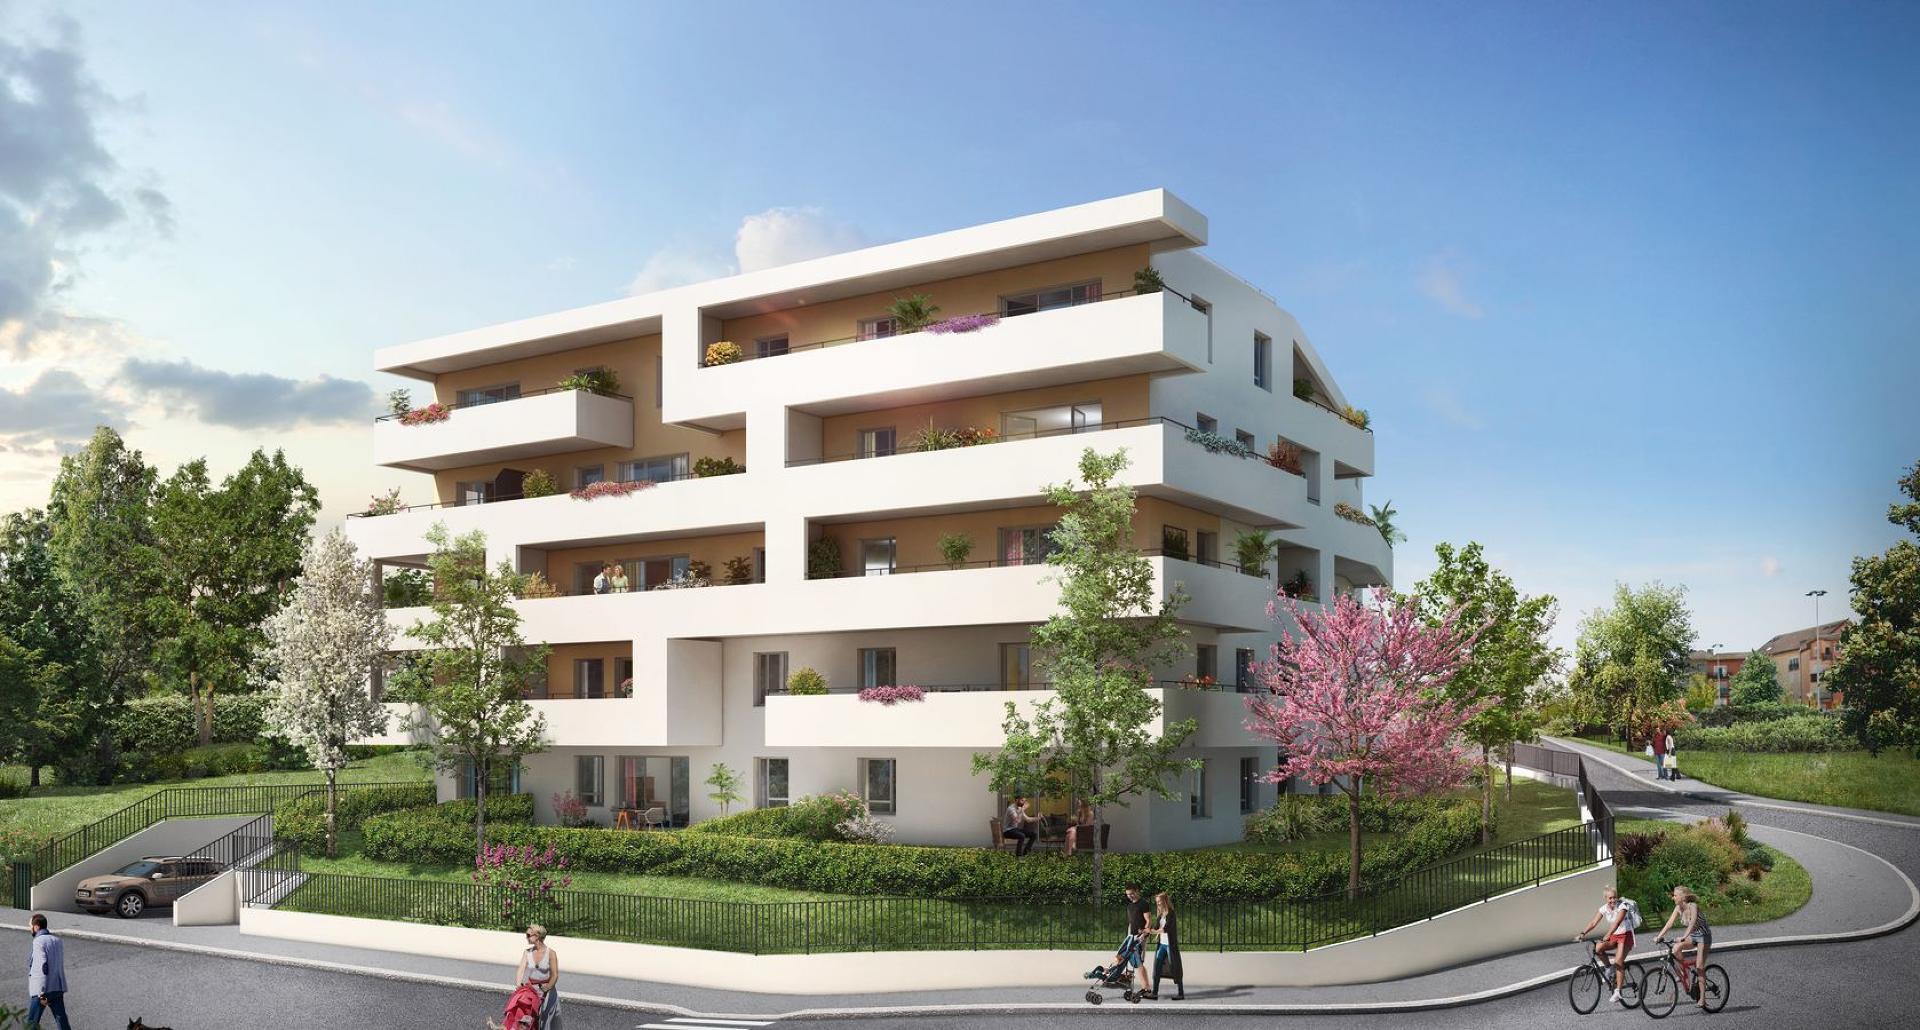 Programme immobilier Annemasse (74100) Idéalement située dans un quartier calme PI10